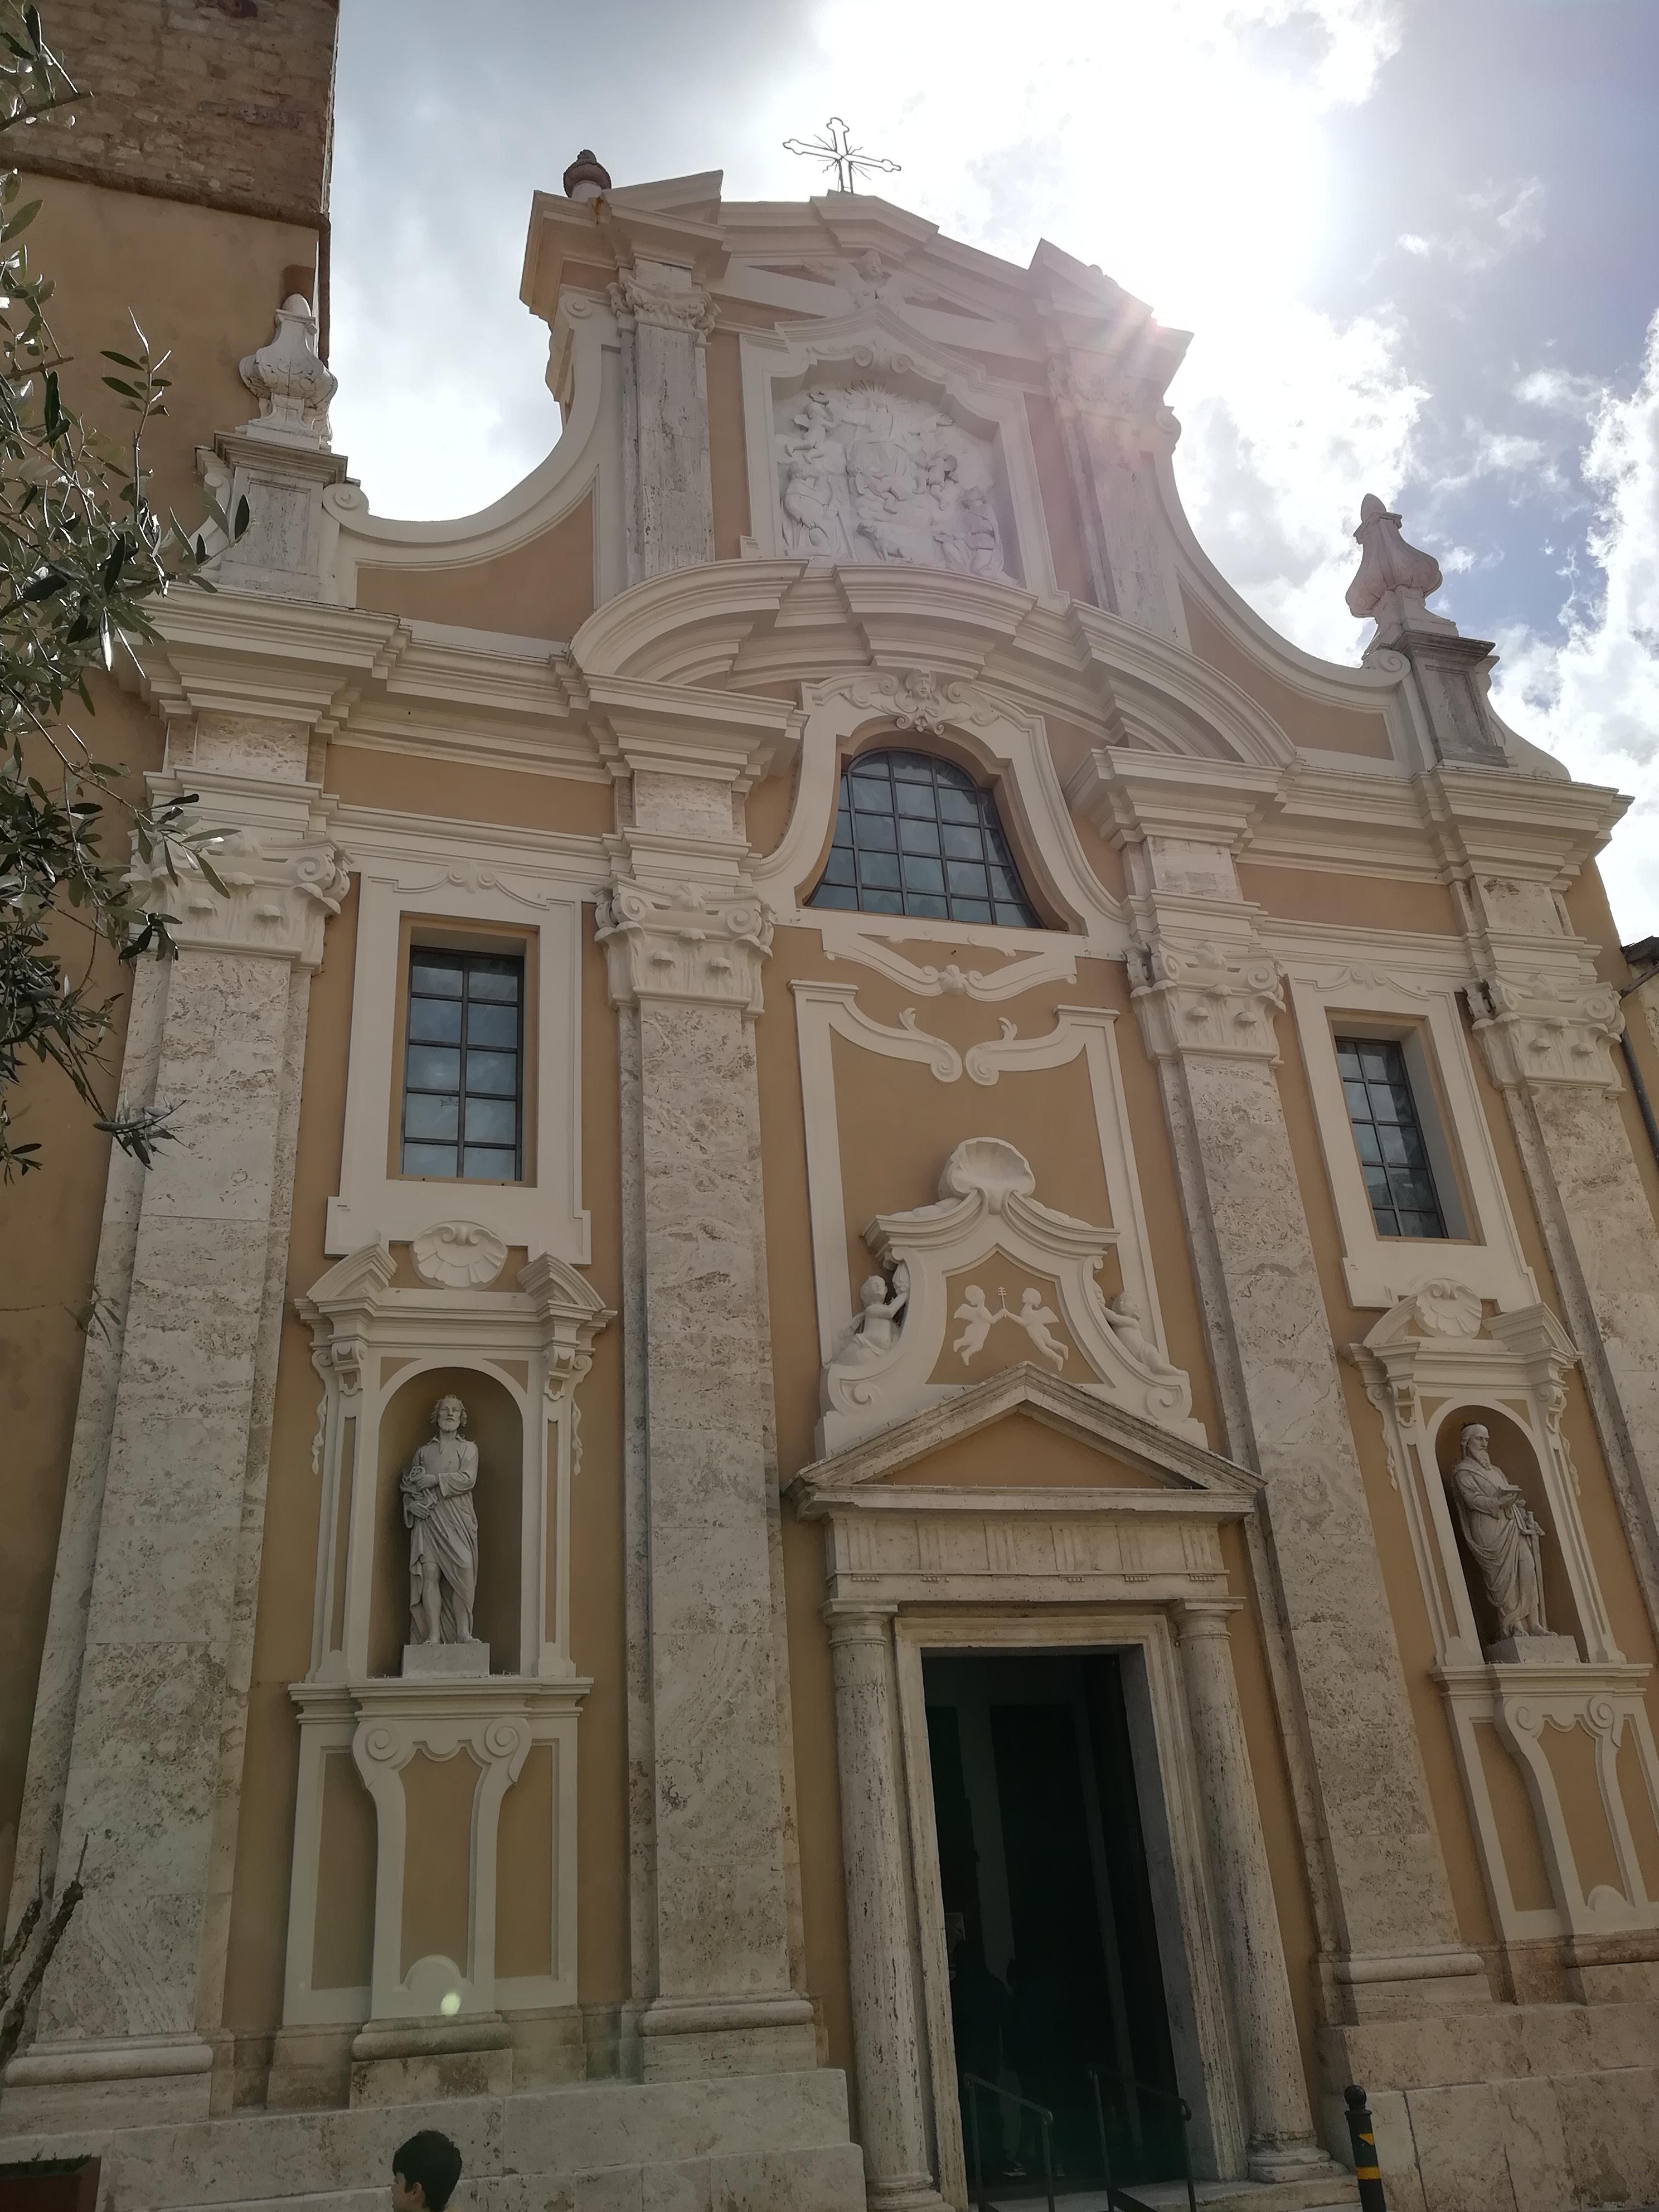 Cattedrale dei Santi Pietro e Paolo Pitigliano cosa vedere GetCOO Travel